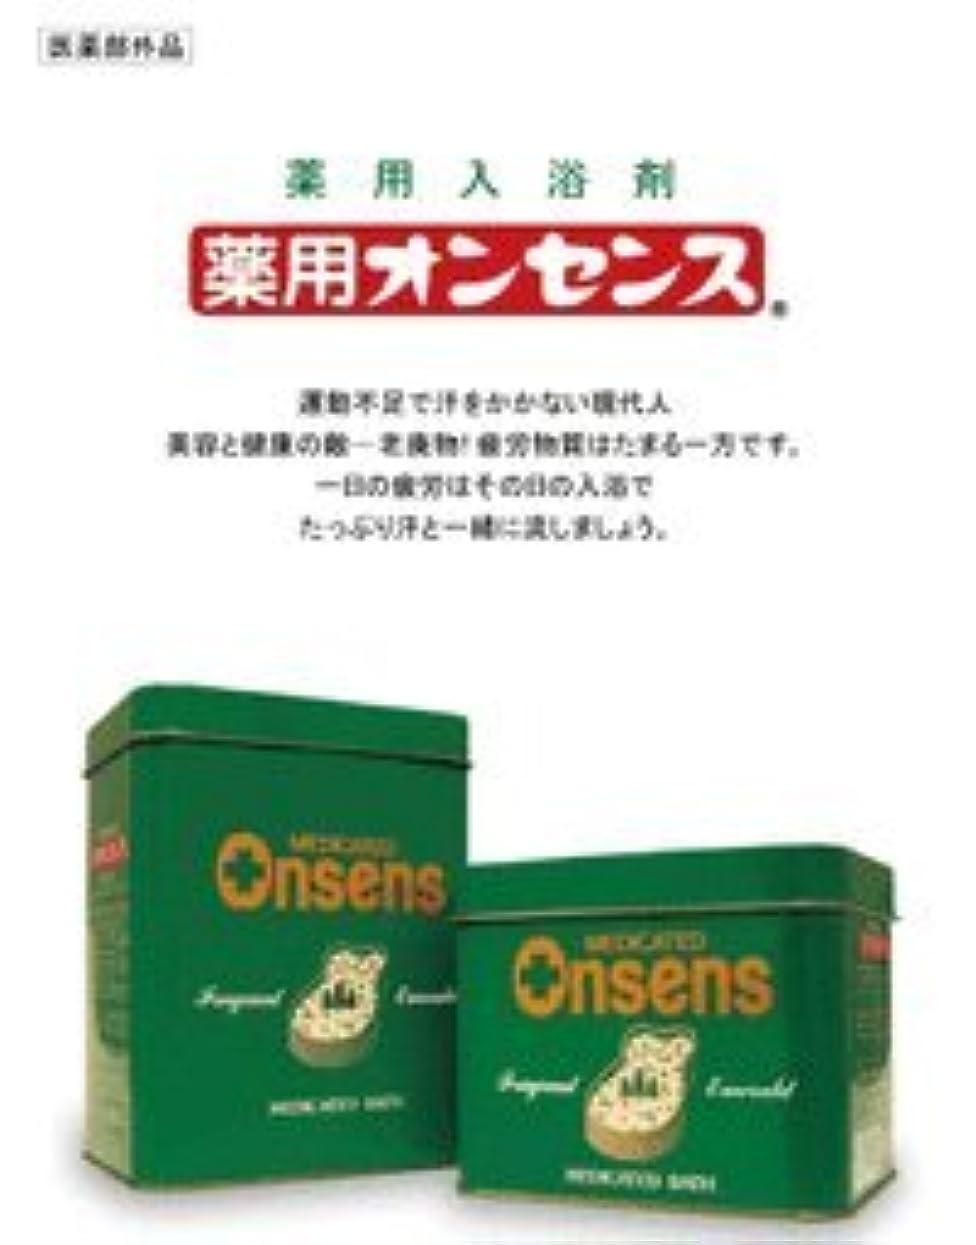 叙情的なバスルーム仕事薬用オンセンス 1.4kg缶 薬用入浴剤 松葉エキス(松柏科植物の製油) 入浴剤 医薬部外品